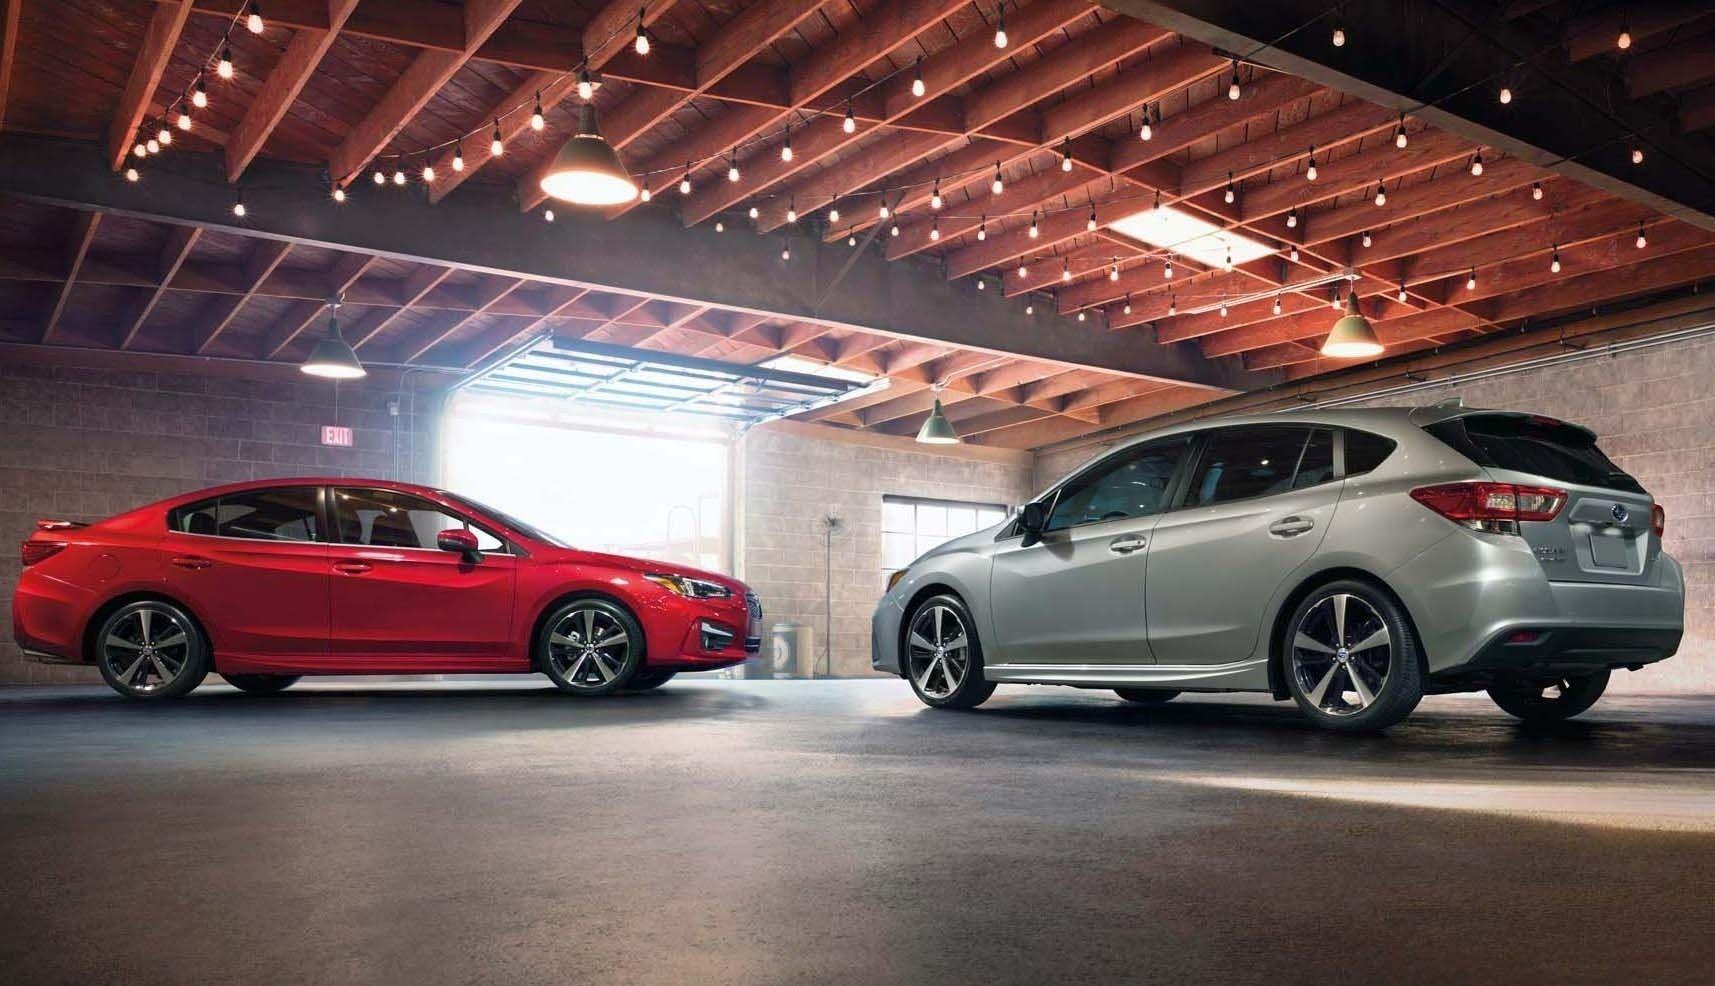 2019 Subaru WRX 5 Door New Release Subaru impreza